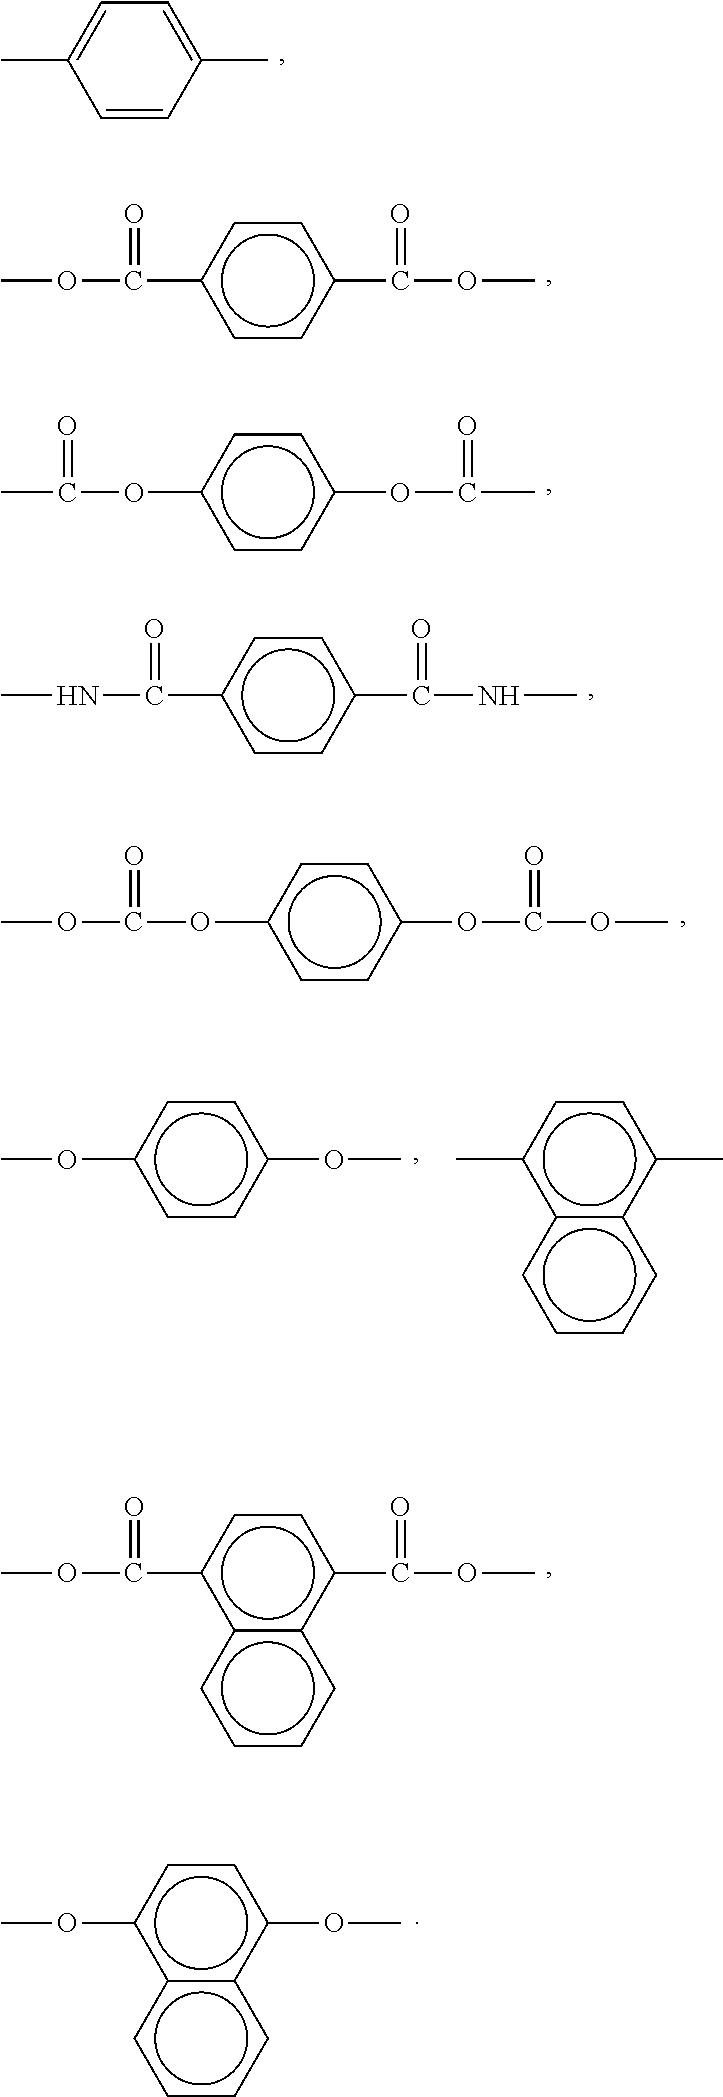 Figure US08523834-20130903-C00001